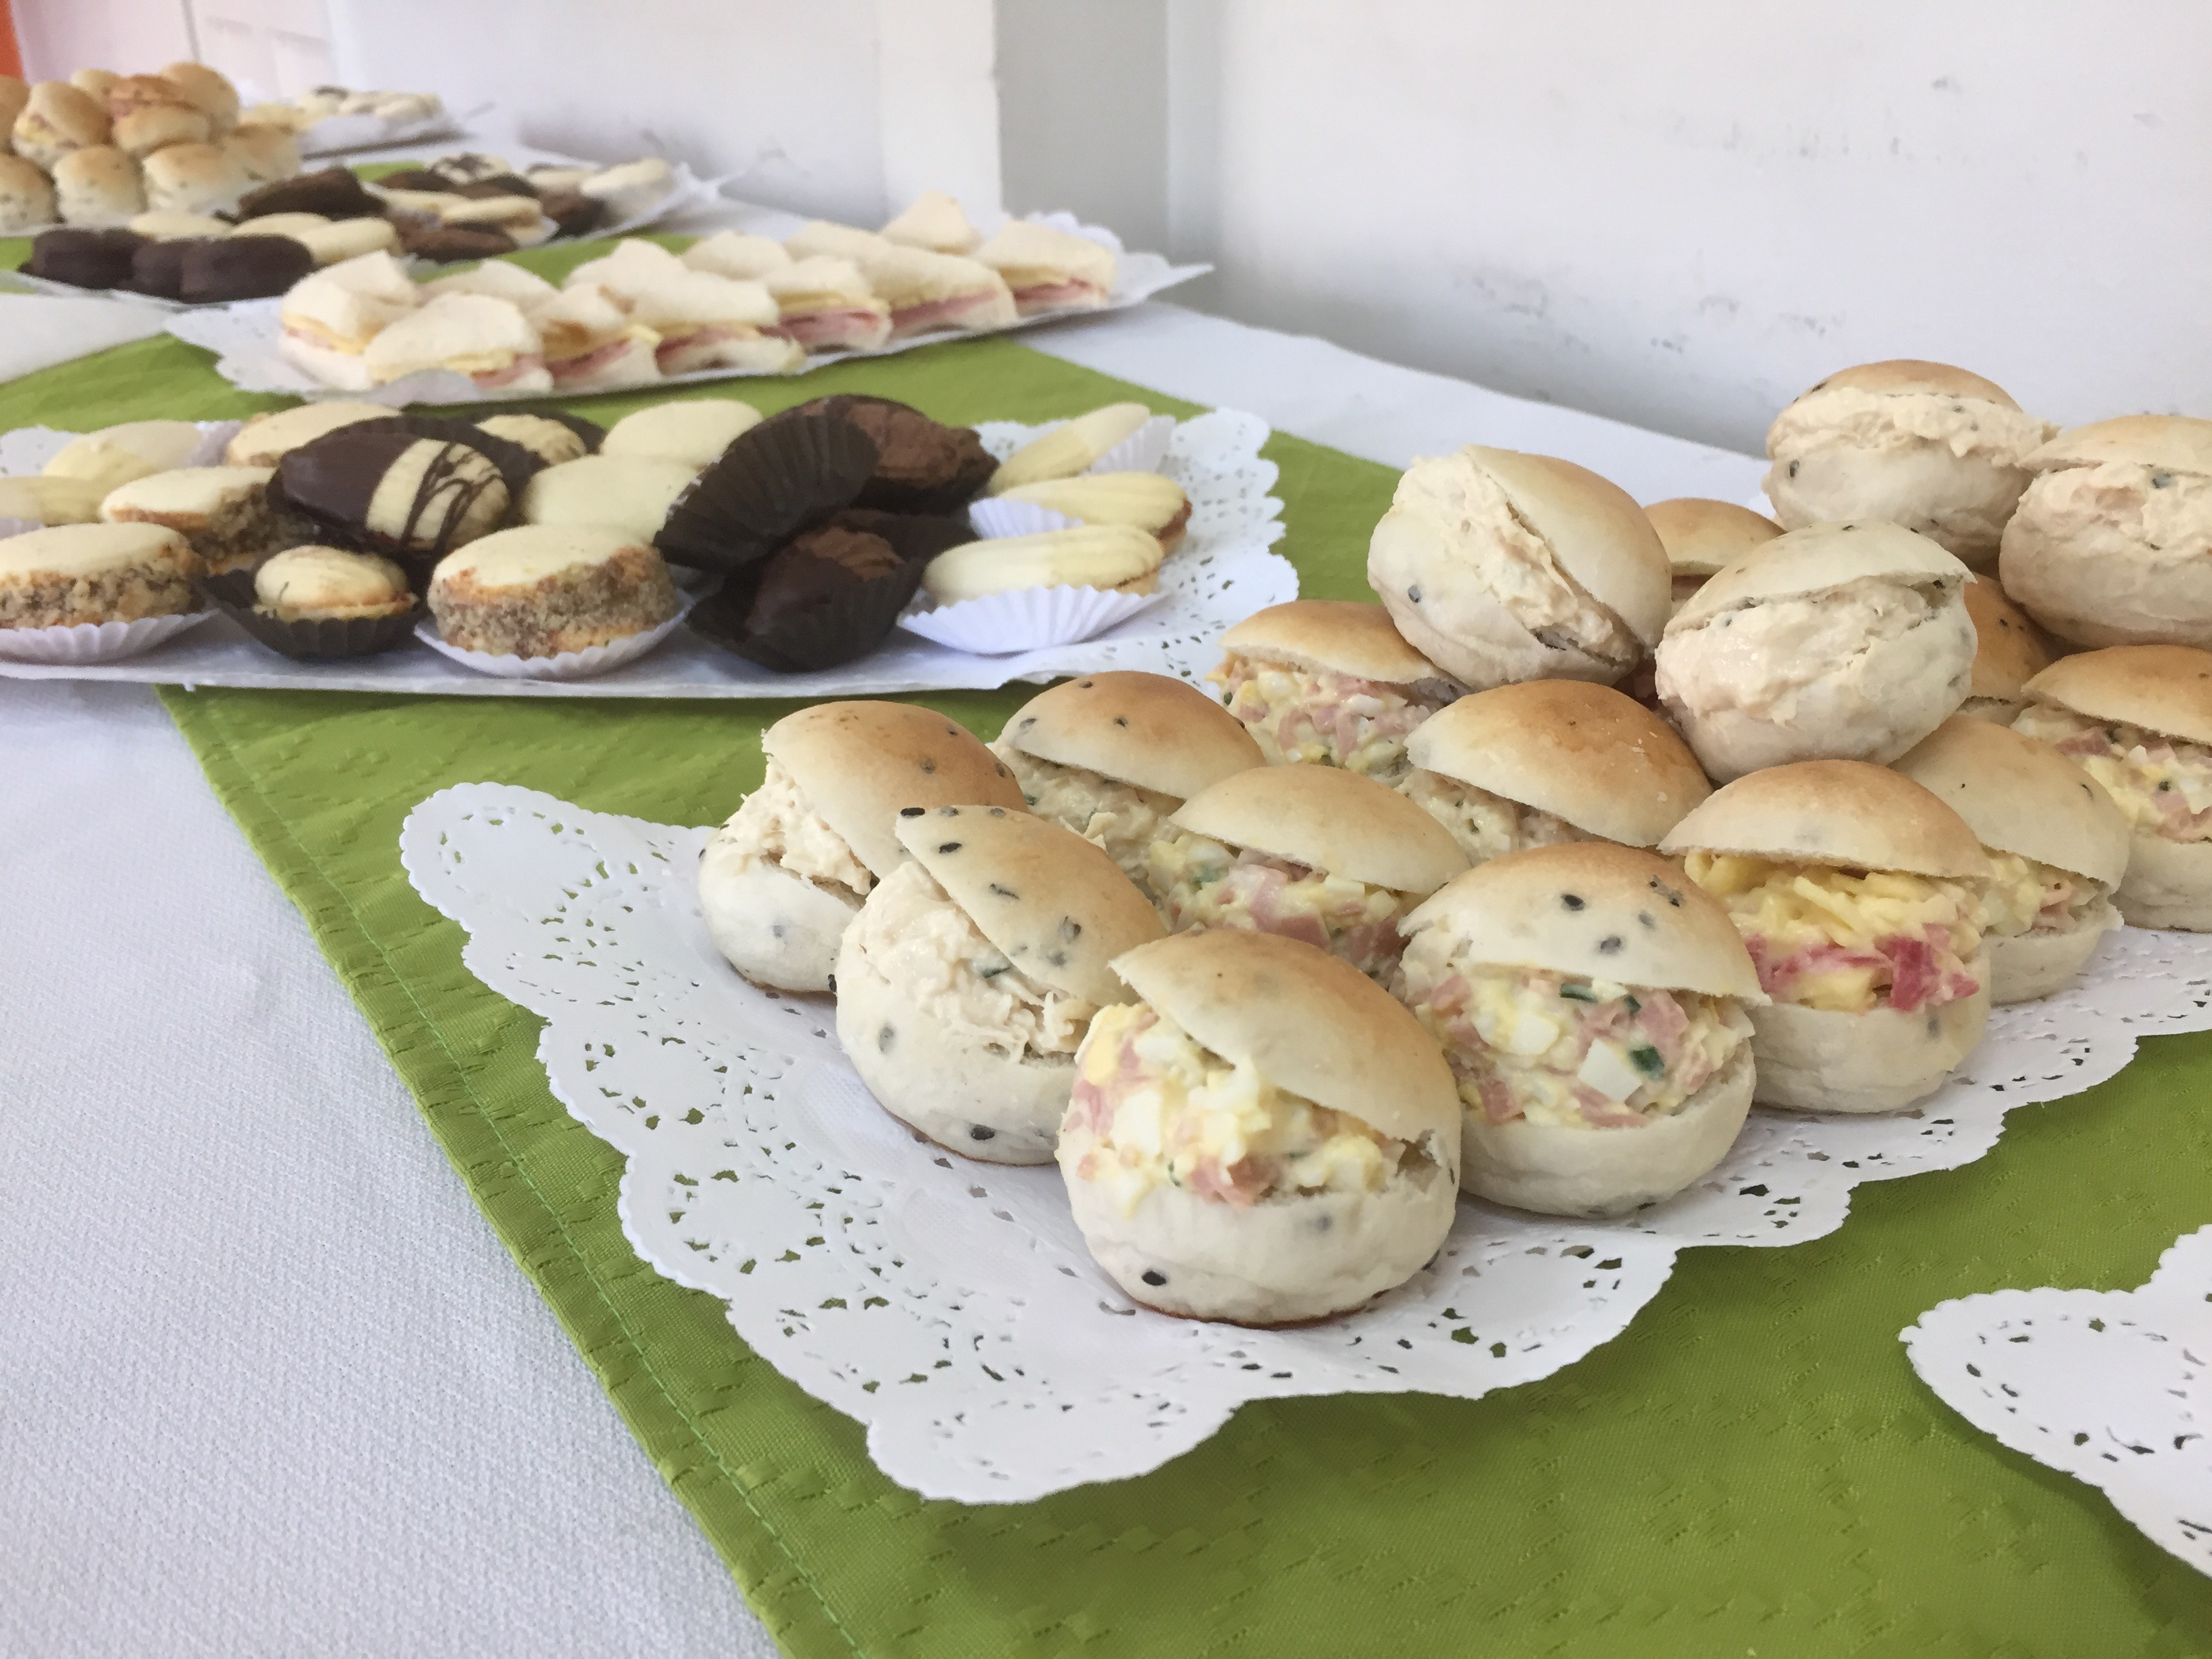 desayuno-para-empresa-banqueteria-florence-0001